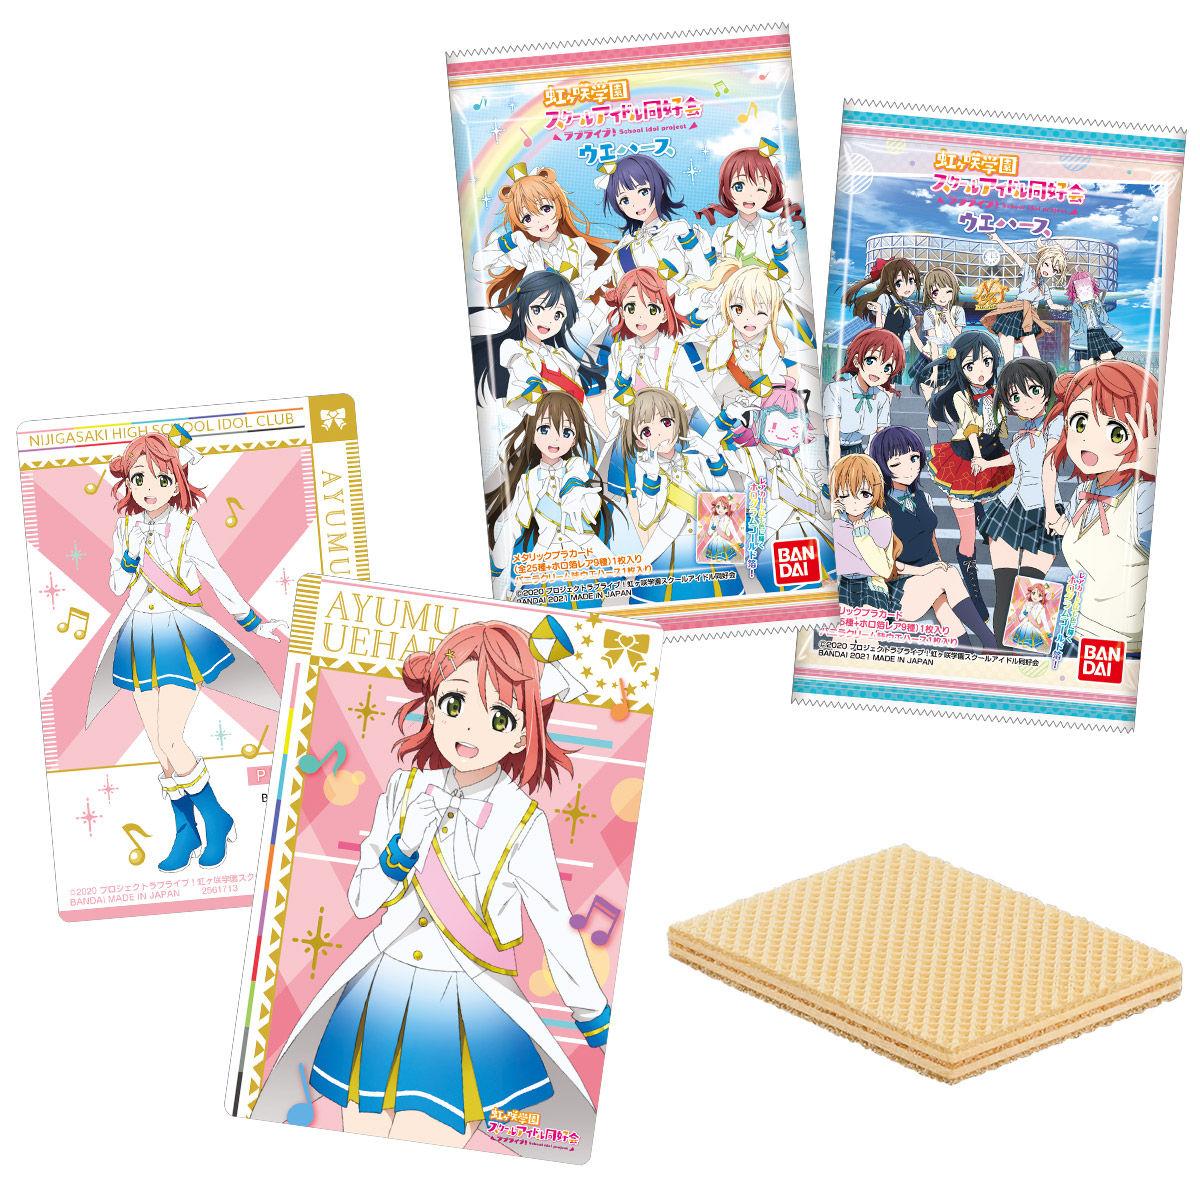 【食玩】ニジガク『ラブライブ!虹ヶ咲学園スクールアイドル同好会 ウエハース』20個入りBOX-001